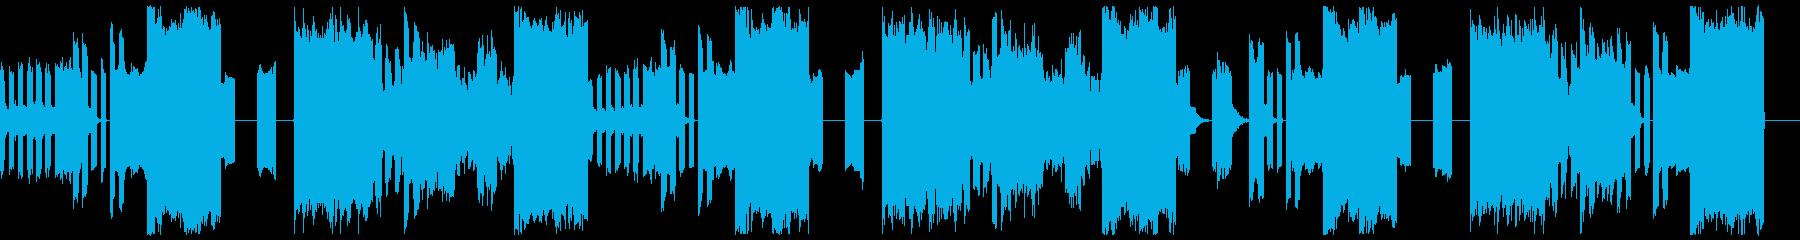 テクノ系BGMです 機械音楽の再生済みの波形